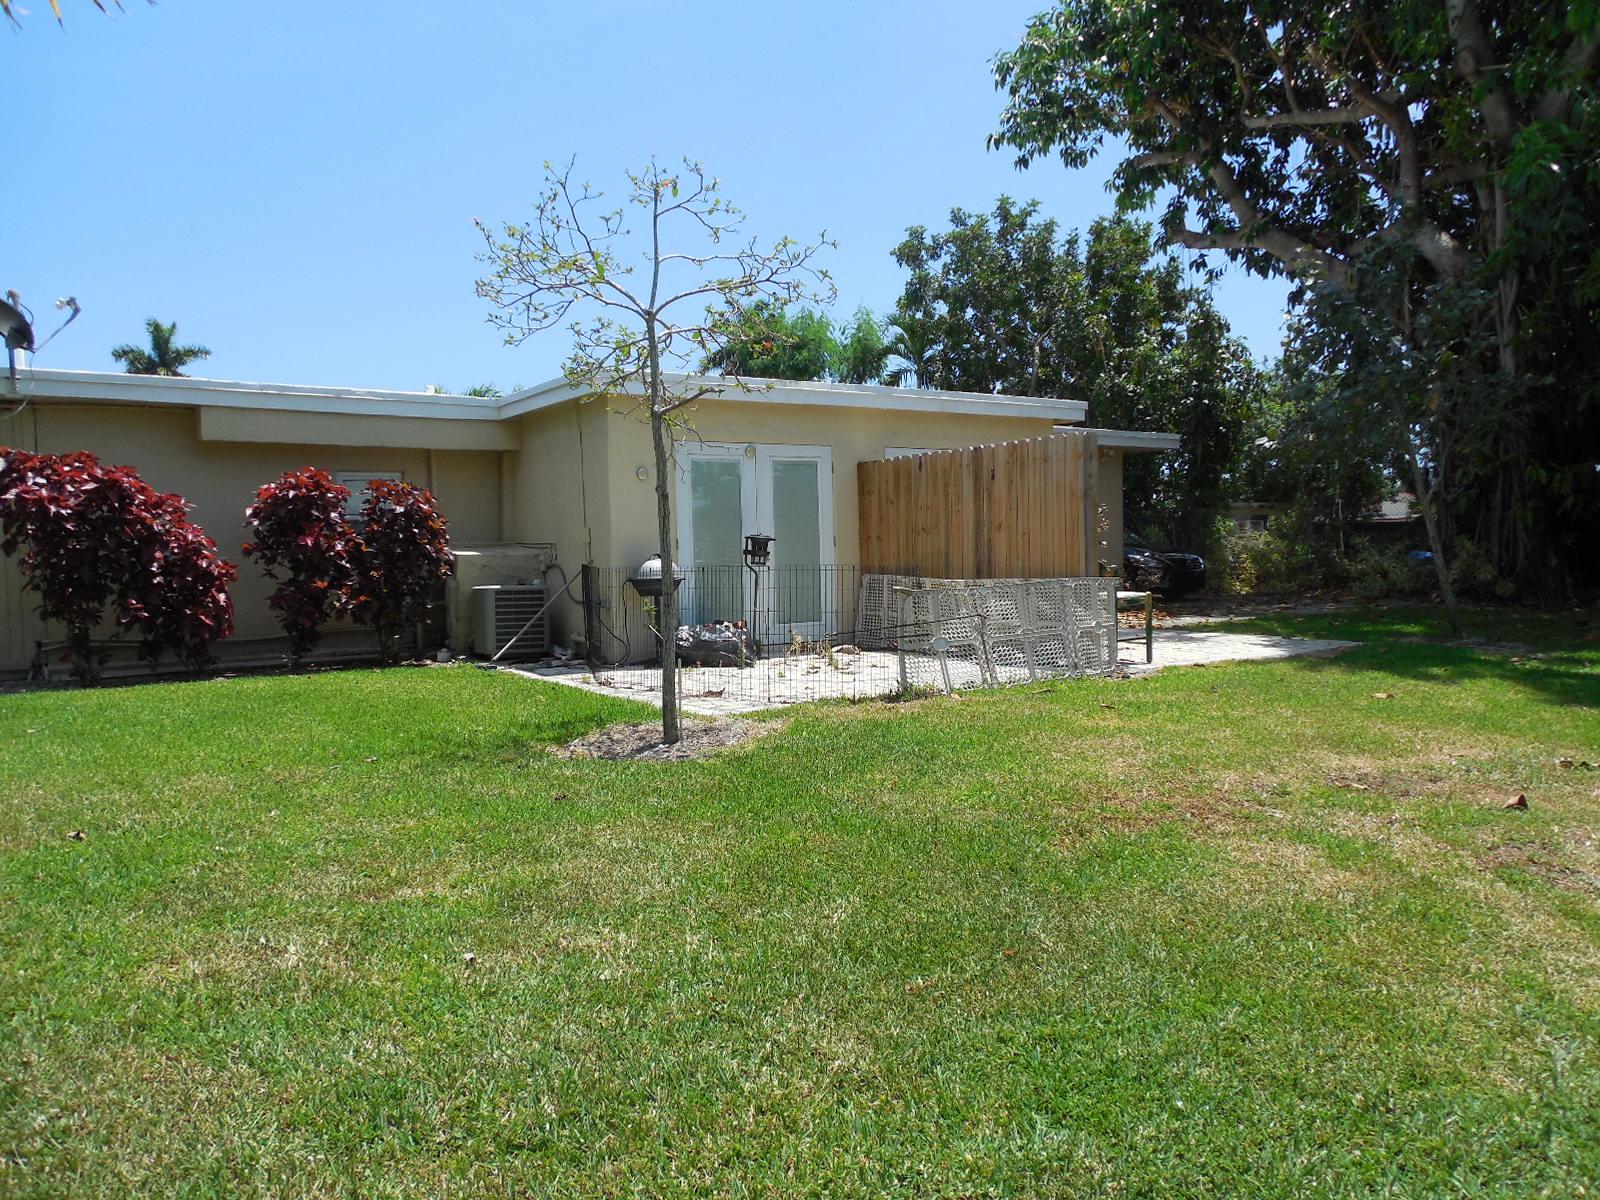 4 Plex Quot Multi Family Homes For Sale West Palm Beach Fl